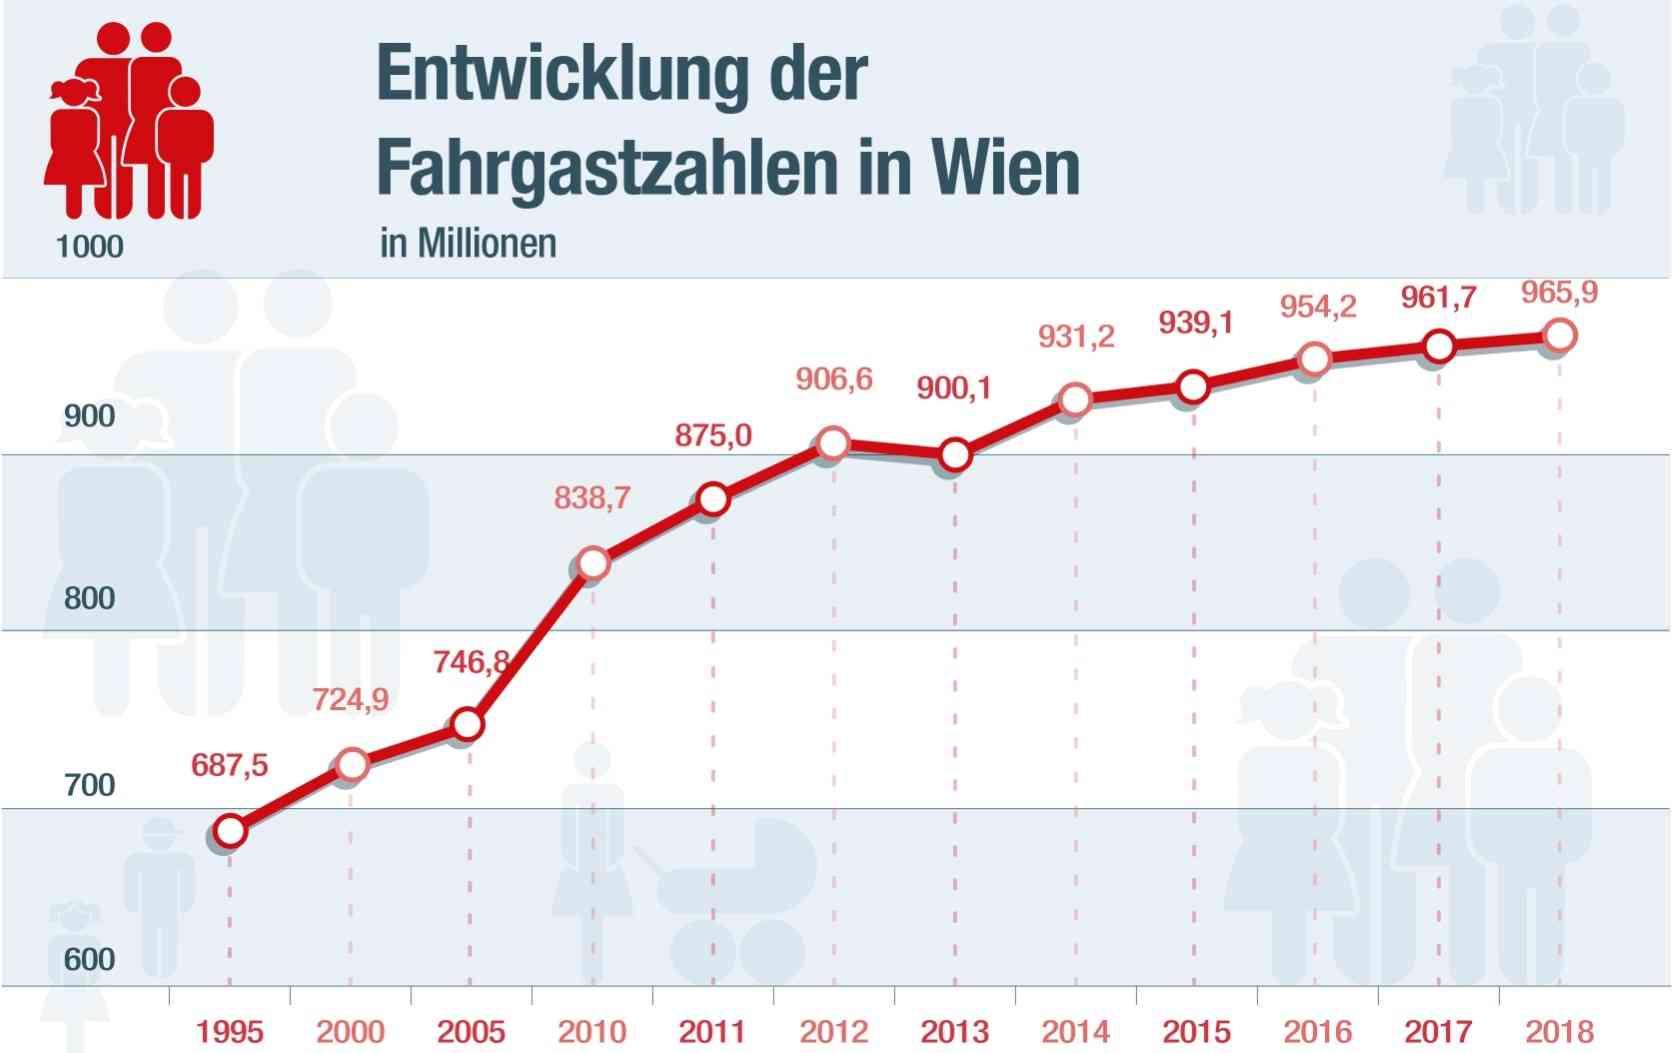 2018 transportierten die Wiener Linien 965,9 Mio. Fahrgäste, täglich sind es 2,6 Mio